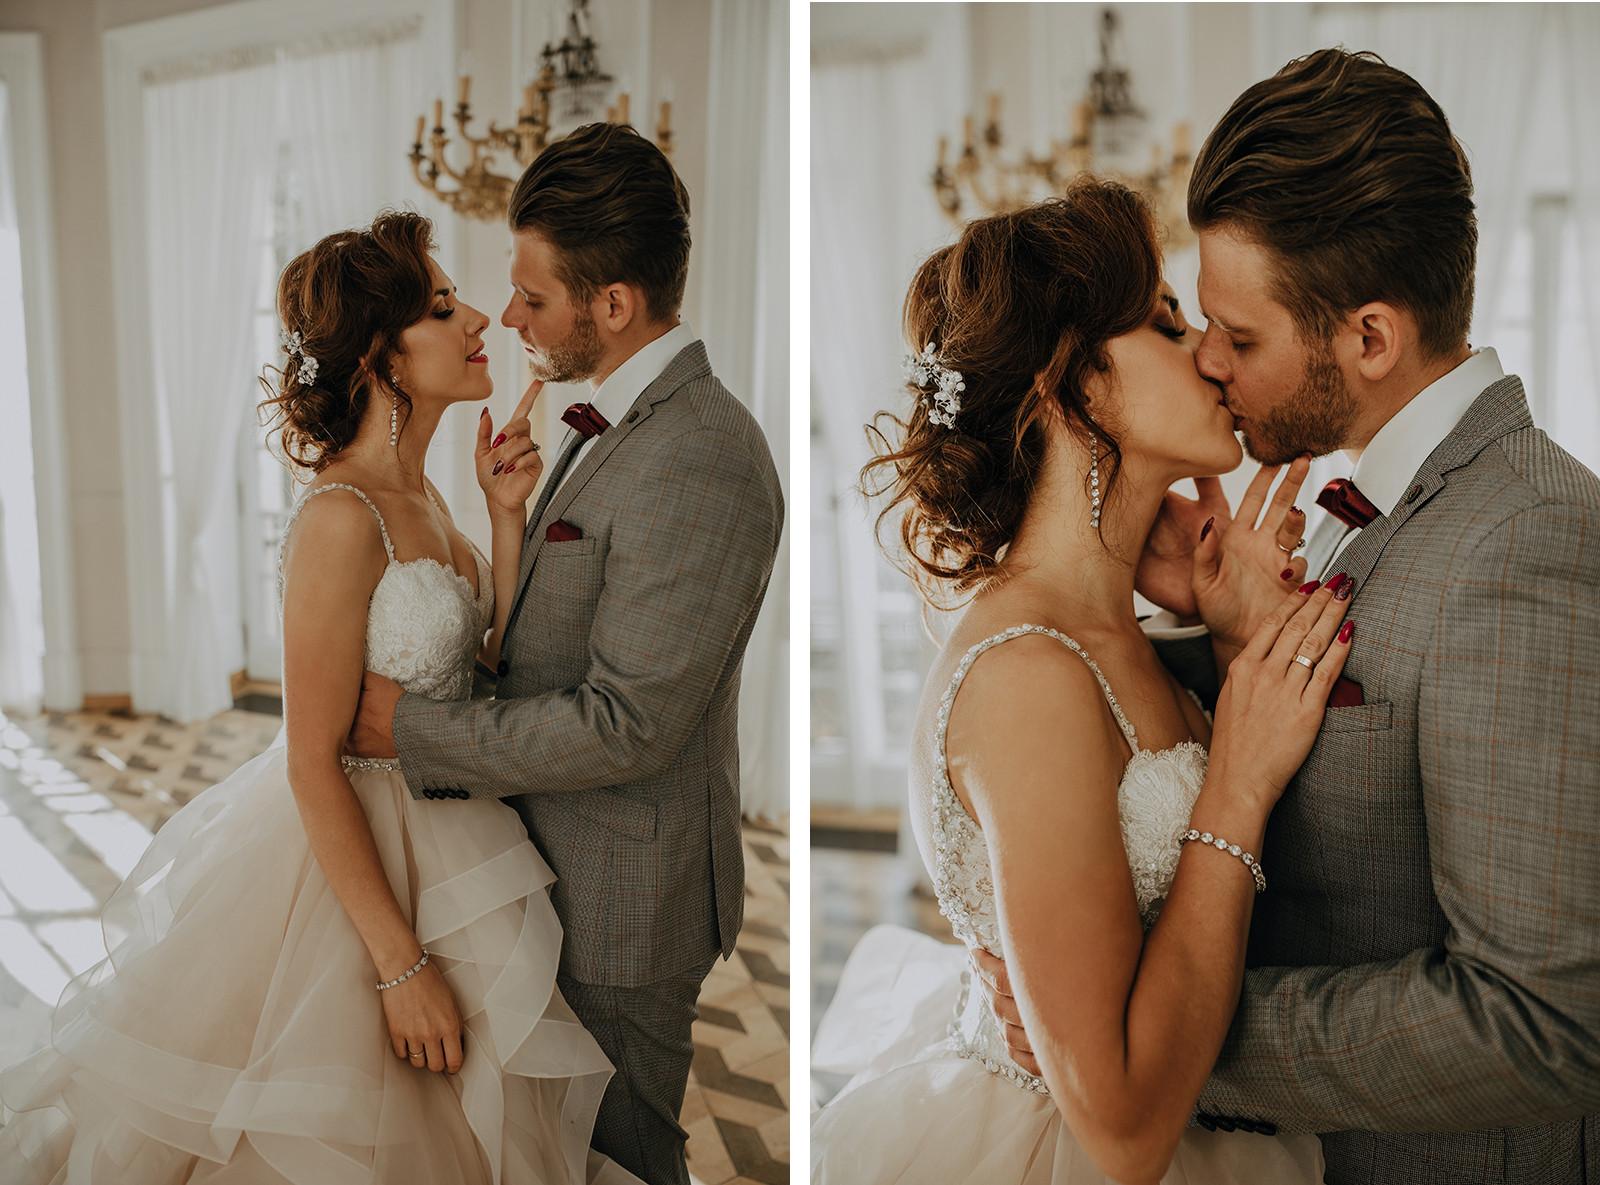 para młoda sesja poślubna, sesja ślubna Pałac Otwock Wielki, Muzeum Wnętrz w Otwocku Wielkim, fotograf ślubny Warszawa